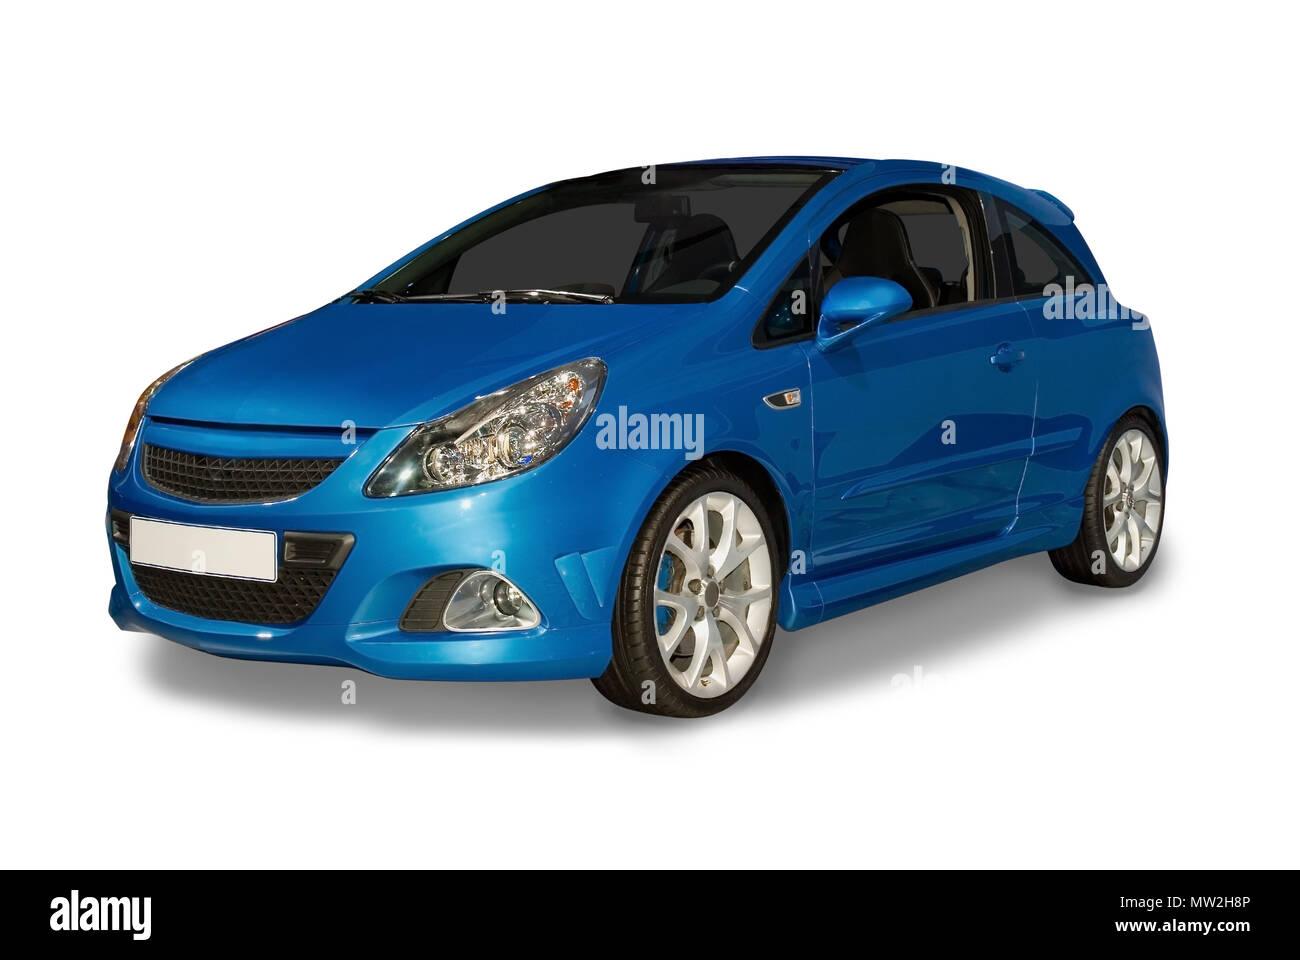 Nuovo carburante blu efficeint vettura ibrida. La più piccola auto ibride sono il futuro del settore. Isolato su uno sfondo bianco con dettagli in ombra tracciata Immagini Stock